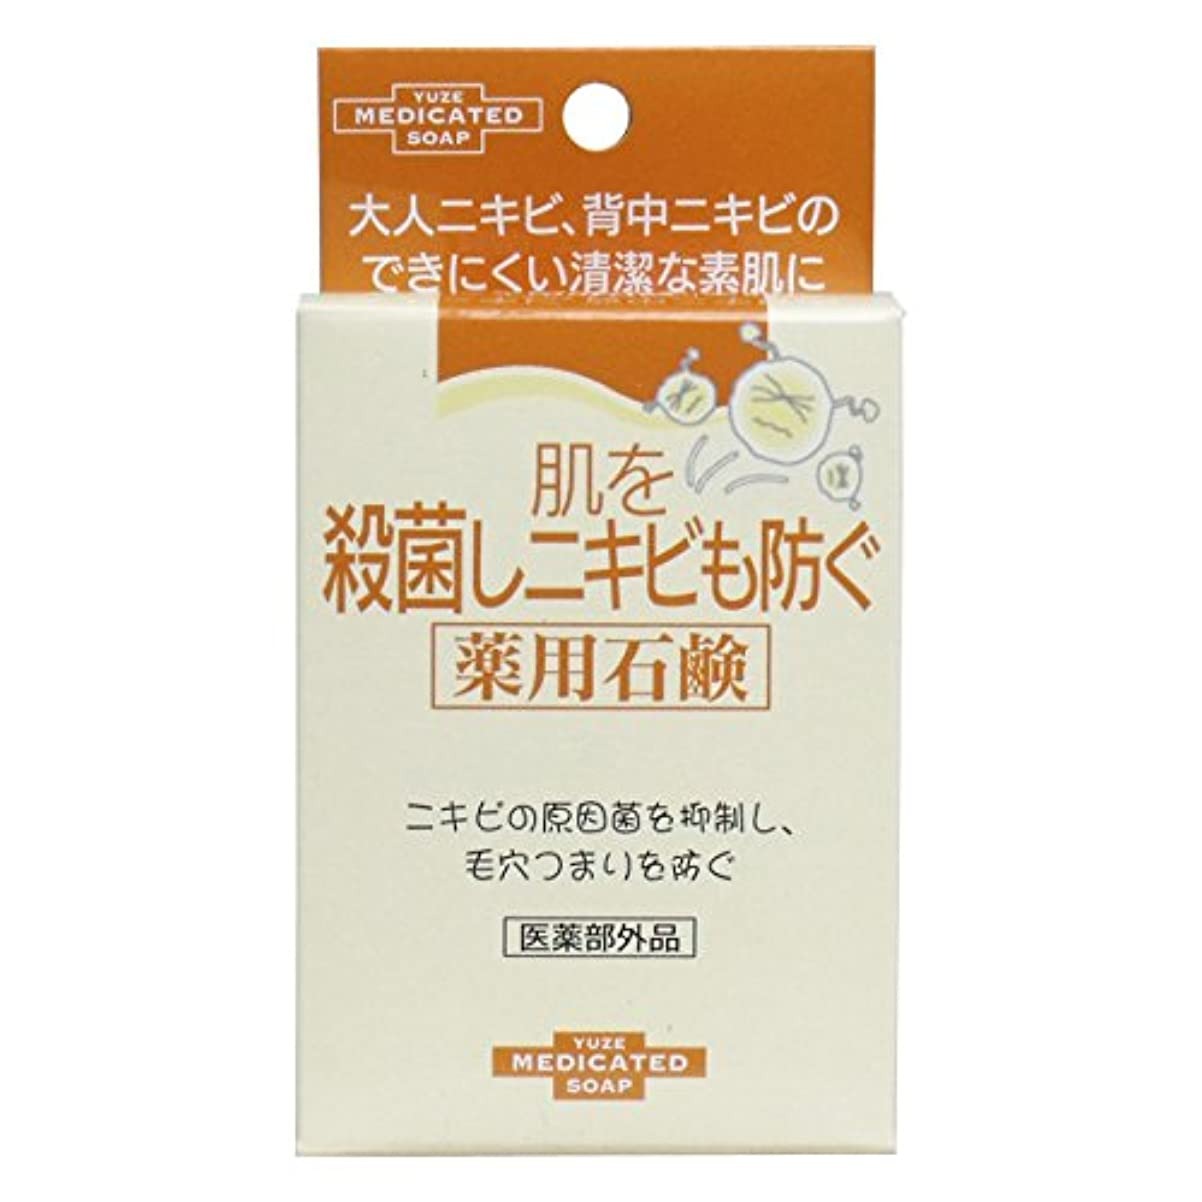 目立つ免除行商ユゼ 肌を殺菌しニキビも防ぐ薬用石鹸 (110g)